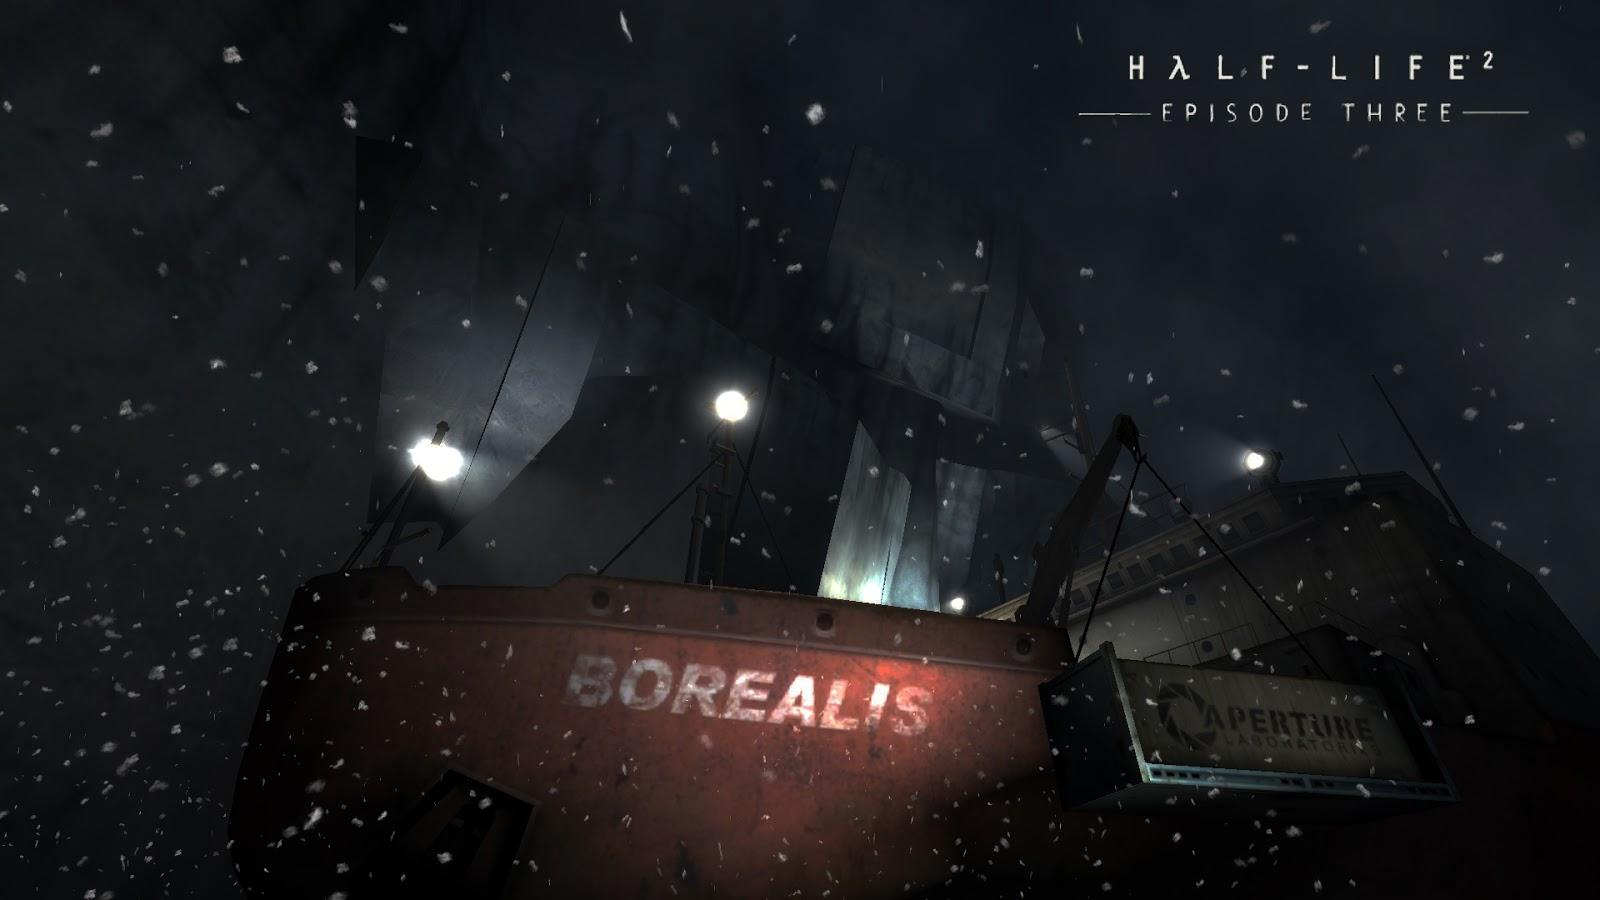 O Roteiro De Half Life 2 Episode 3 Em Portugues